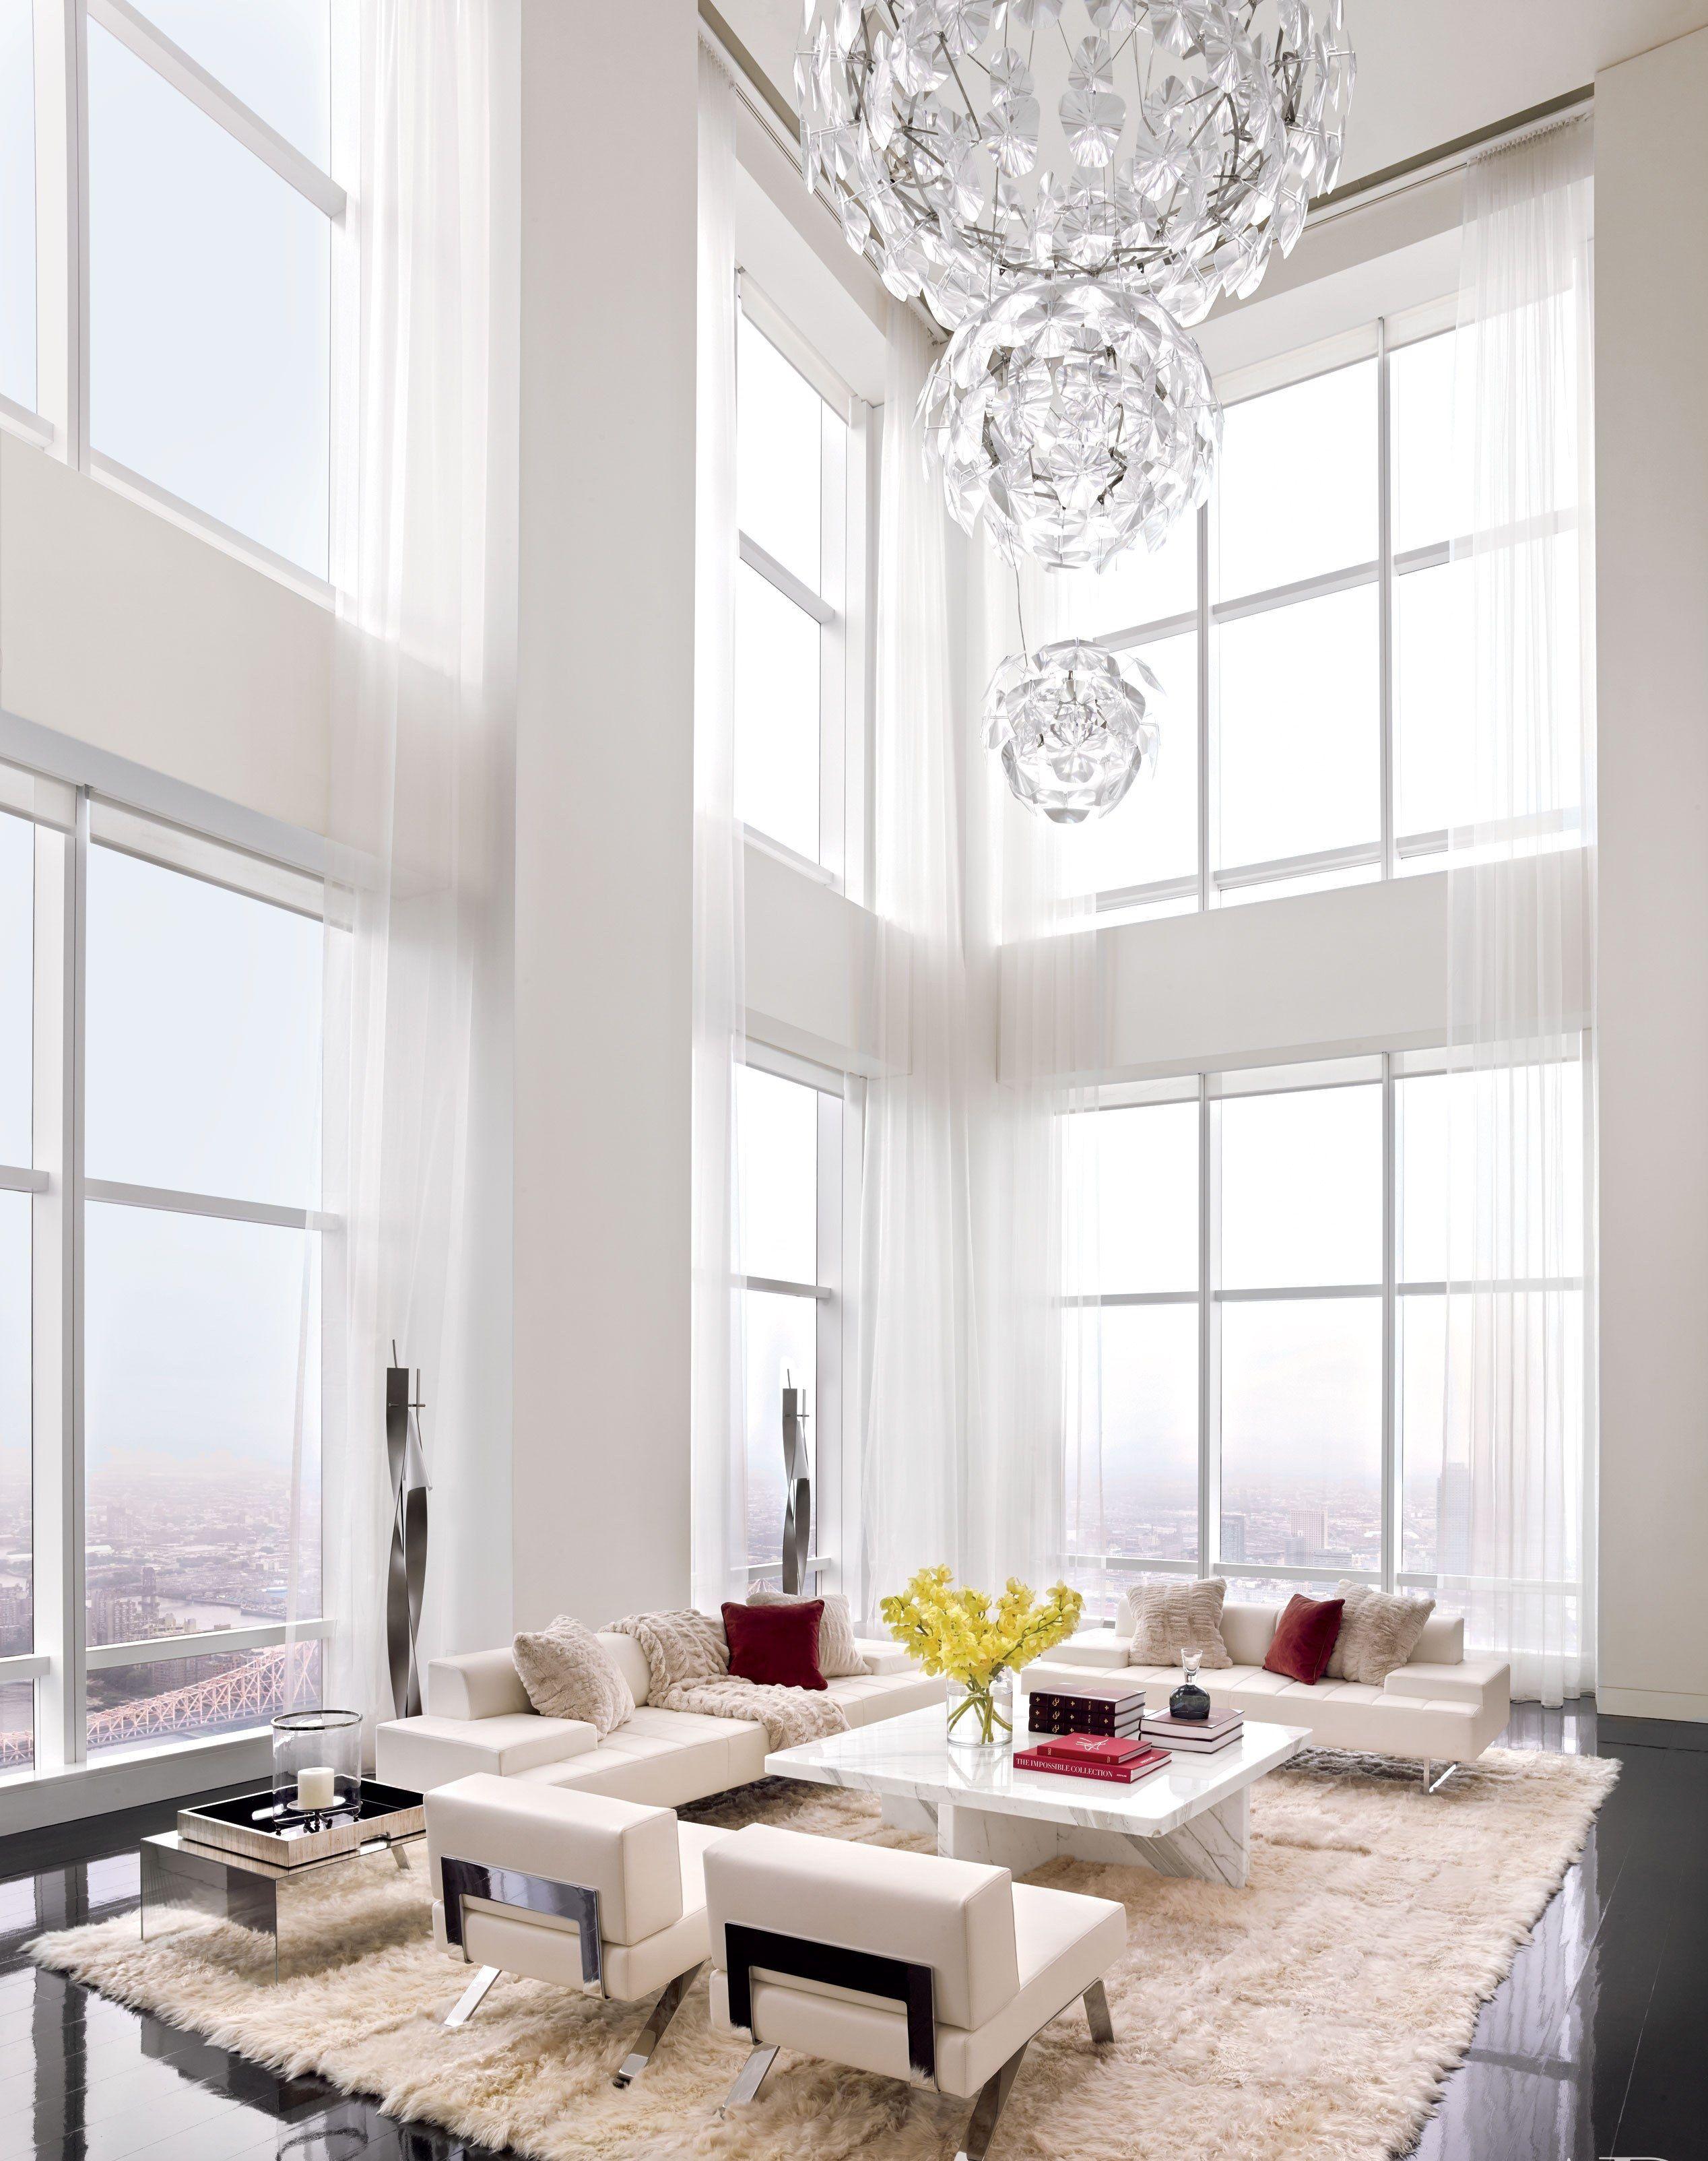 All White Living Room Design Ideas_05 1 All White Living Room  Design Ideas_05 1